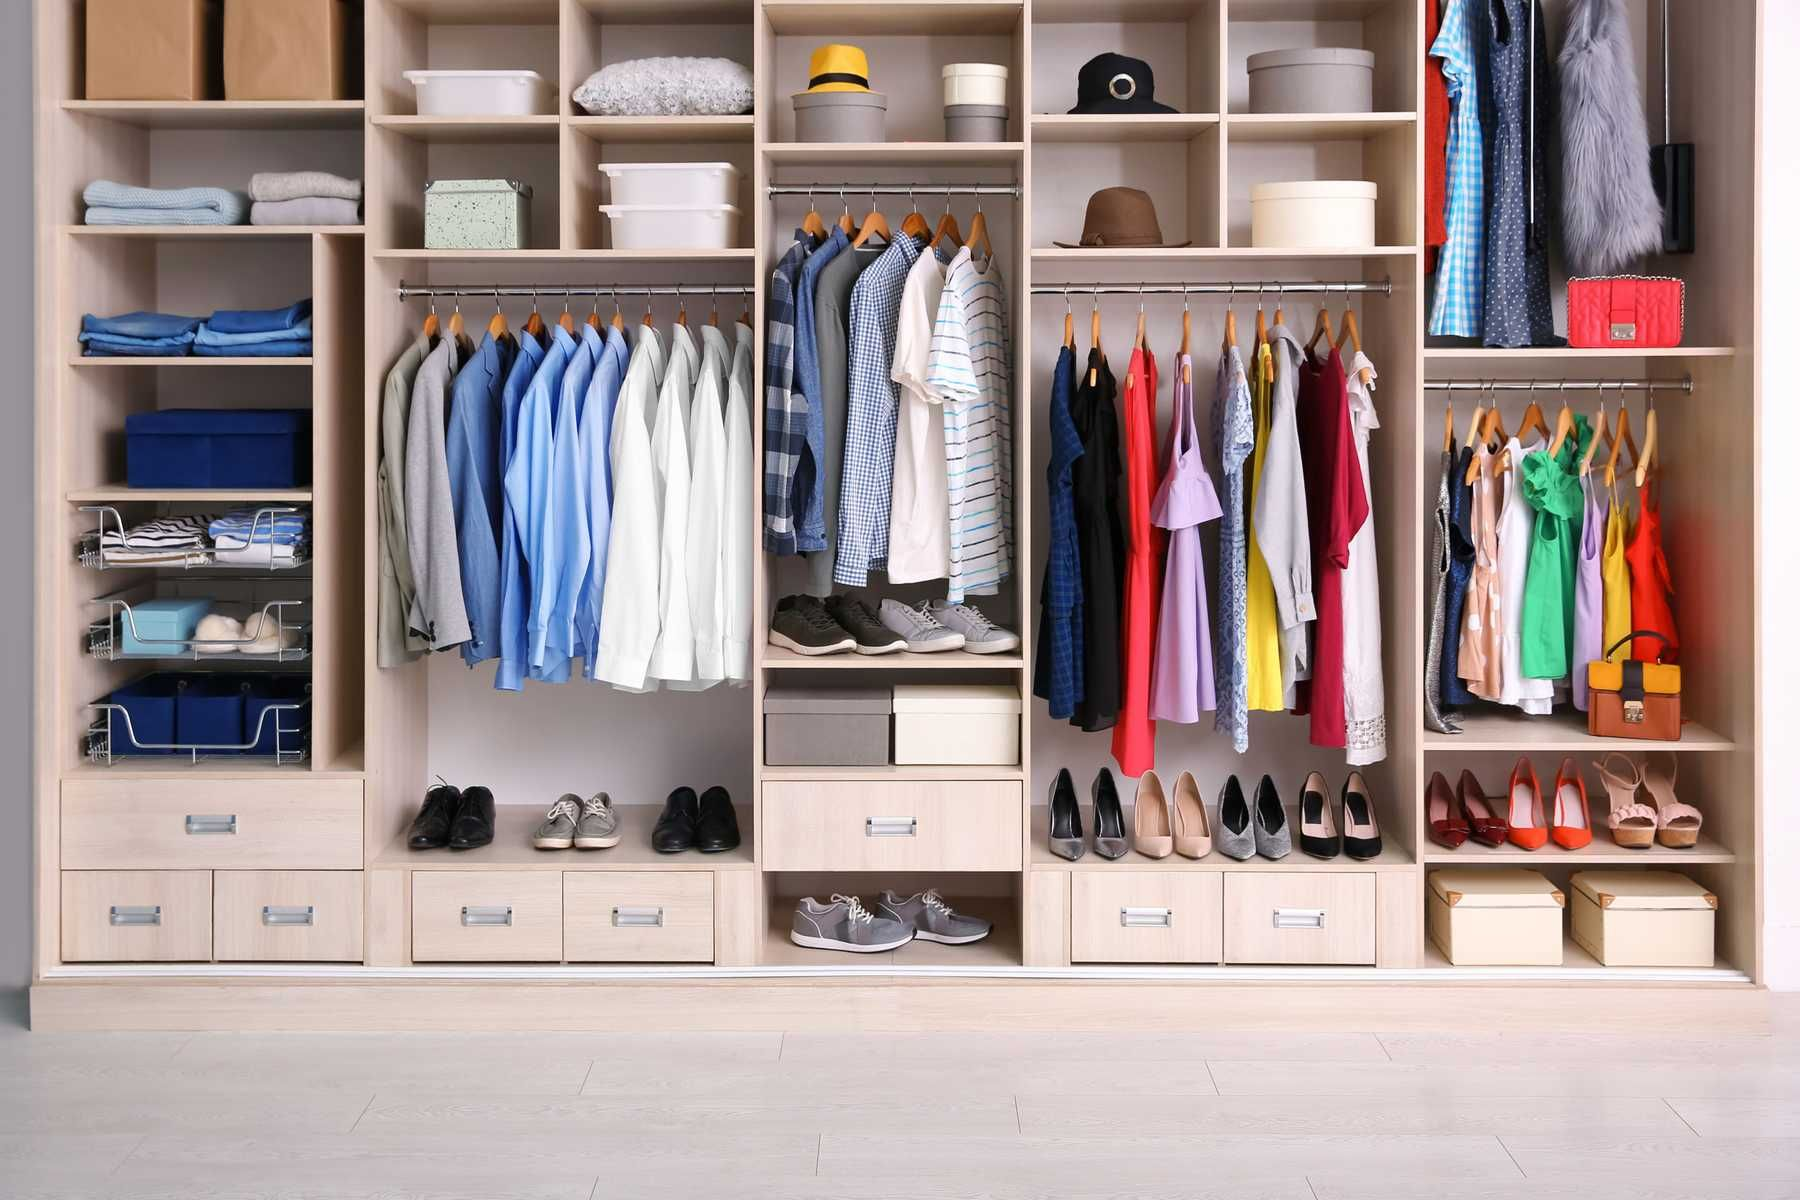 #11 Cách sắp xếp tủ quần áo trong phòng ngủ giúp tiết kiệm diện tích